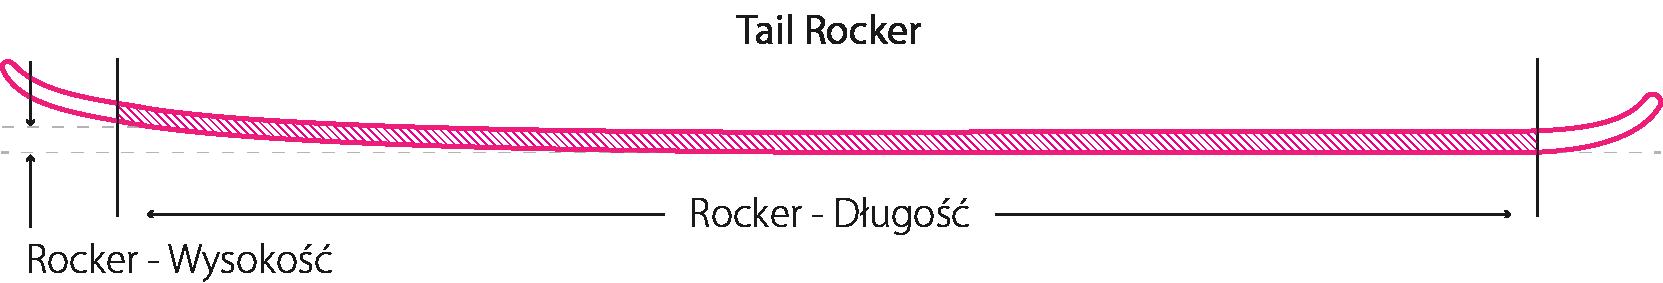 Tail Rocker